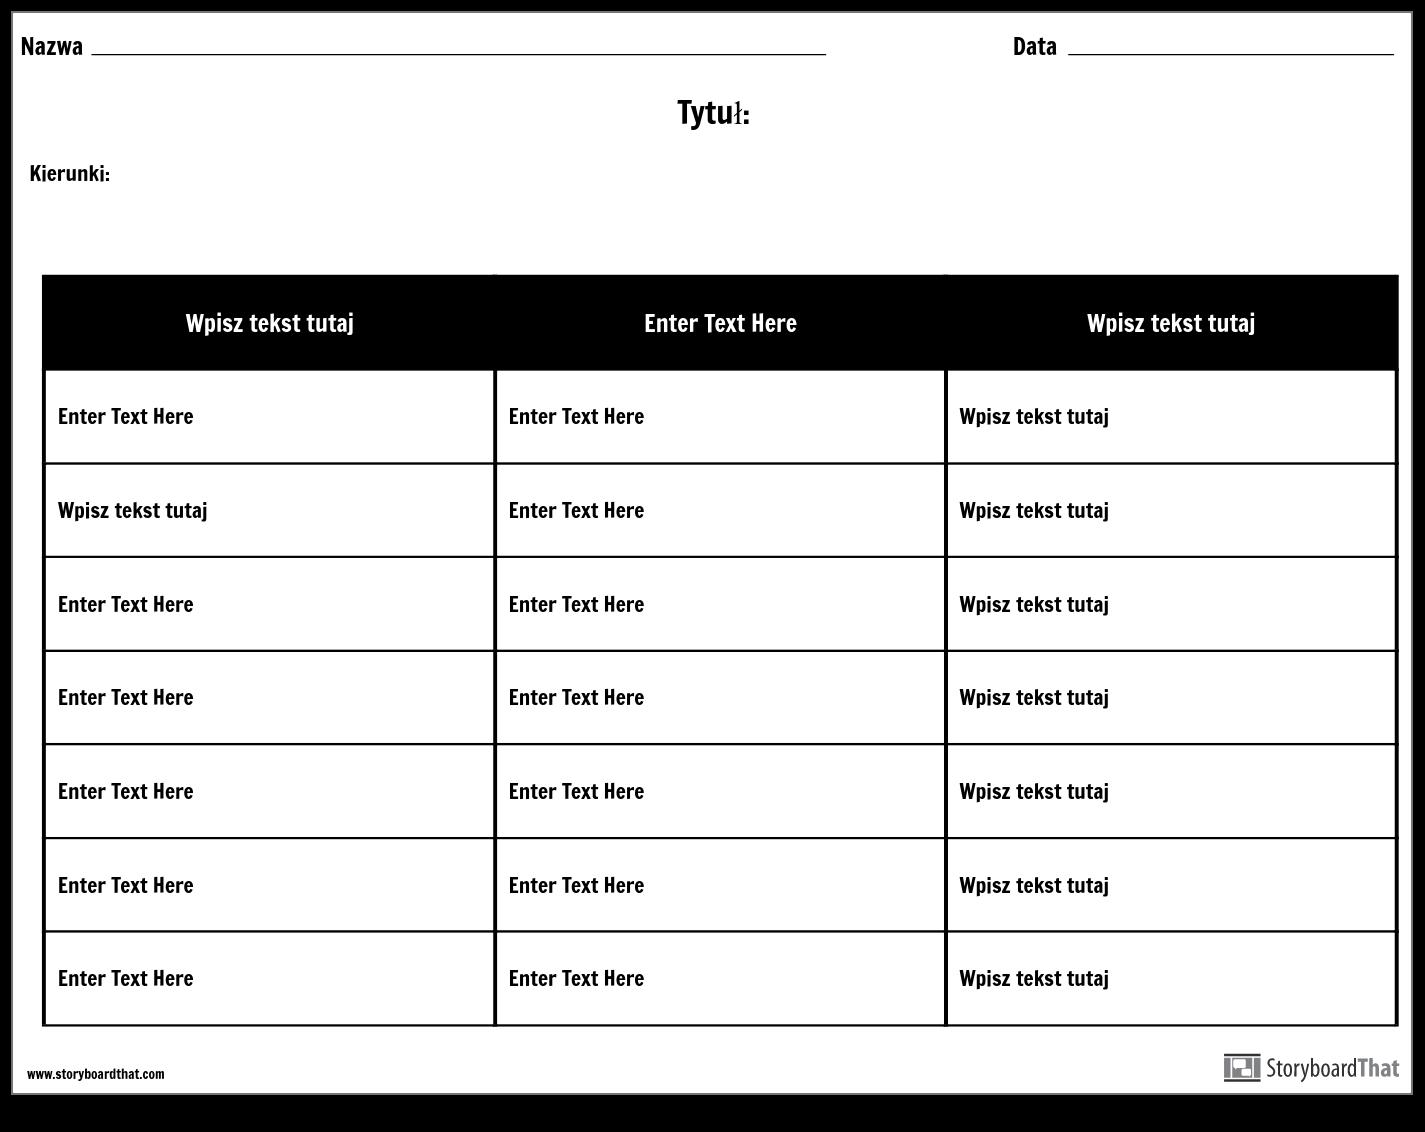 Tabela - 3 Kolumny, 7 Rzędów